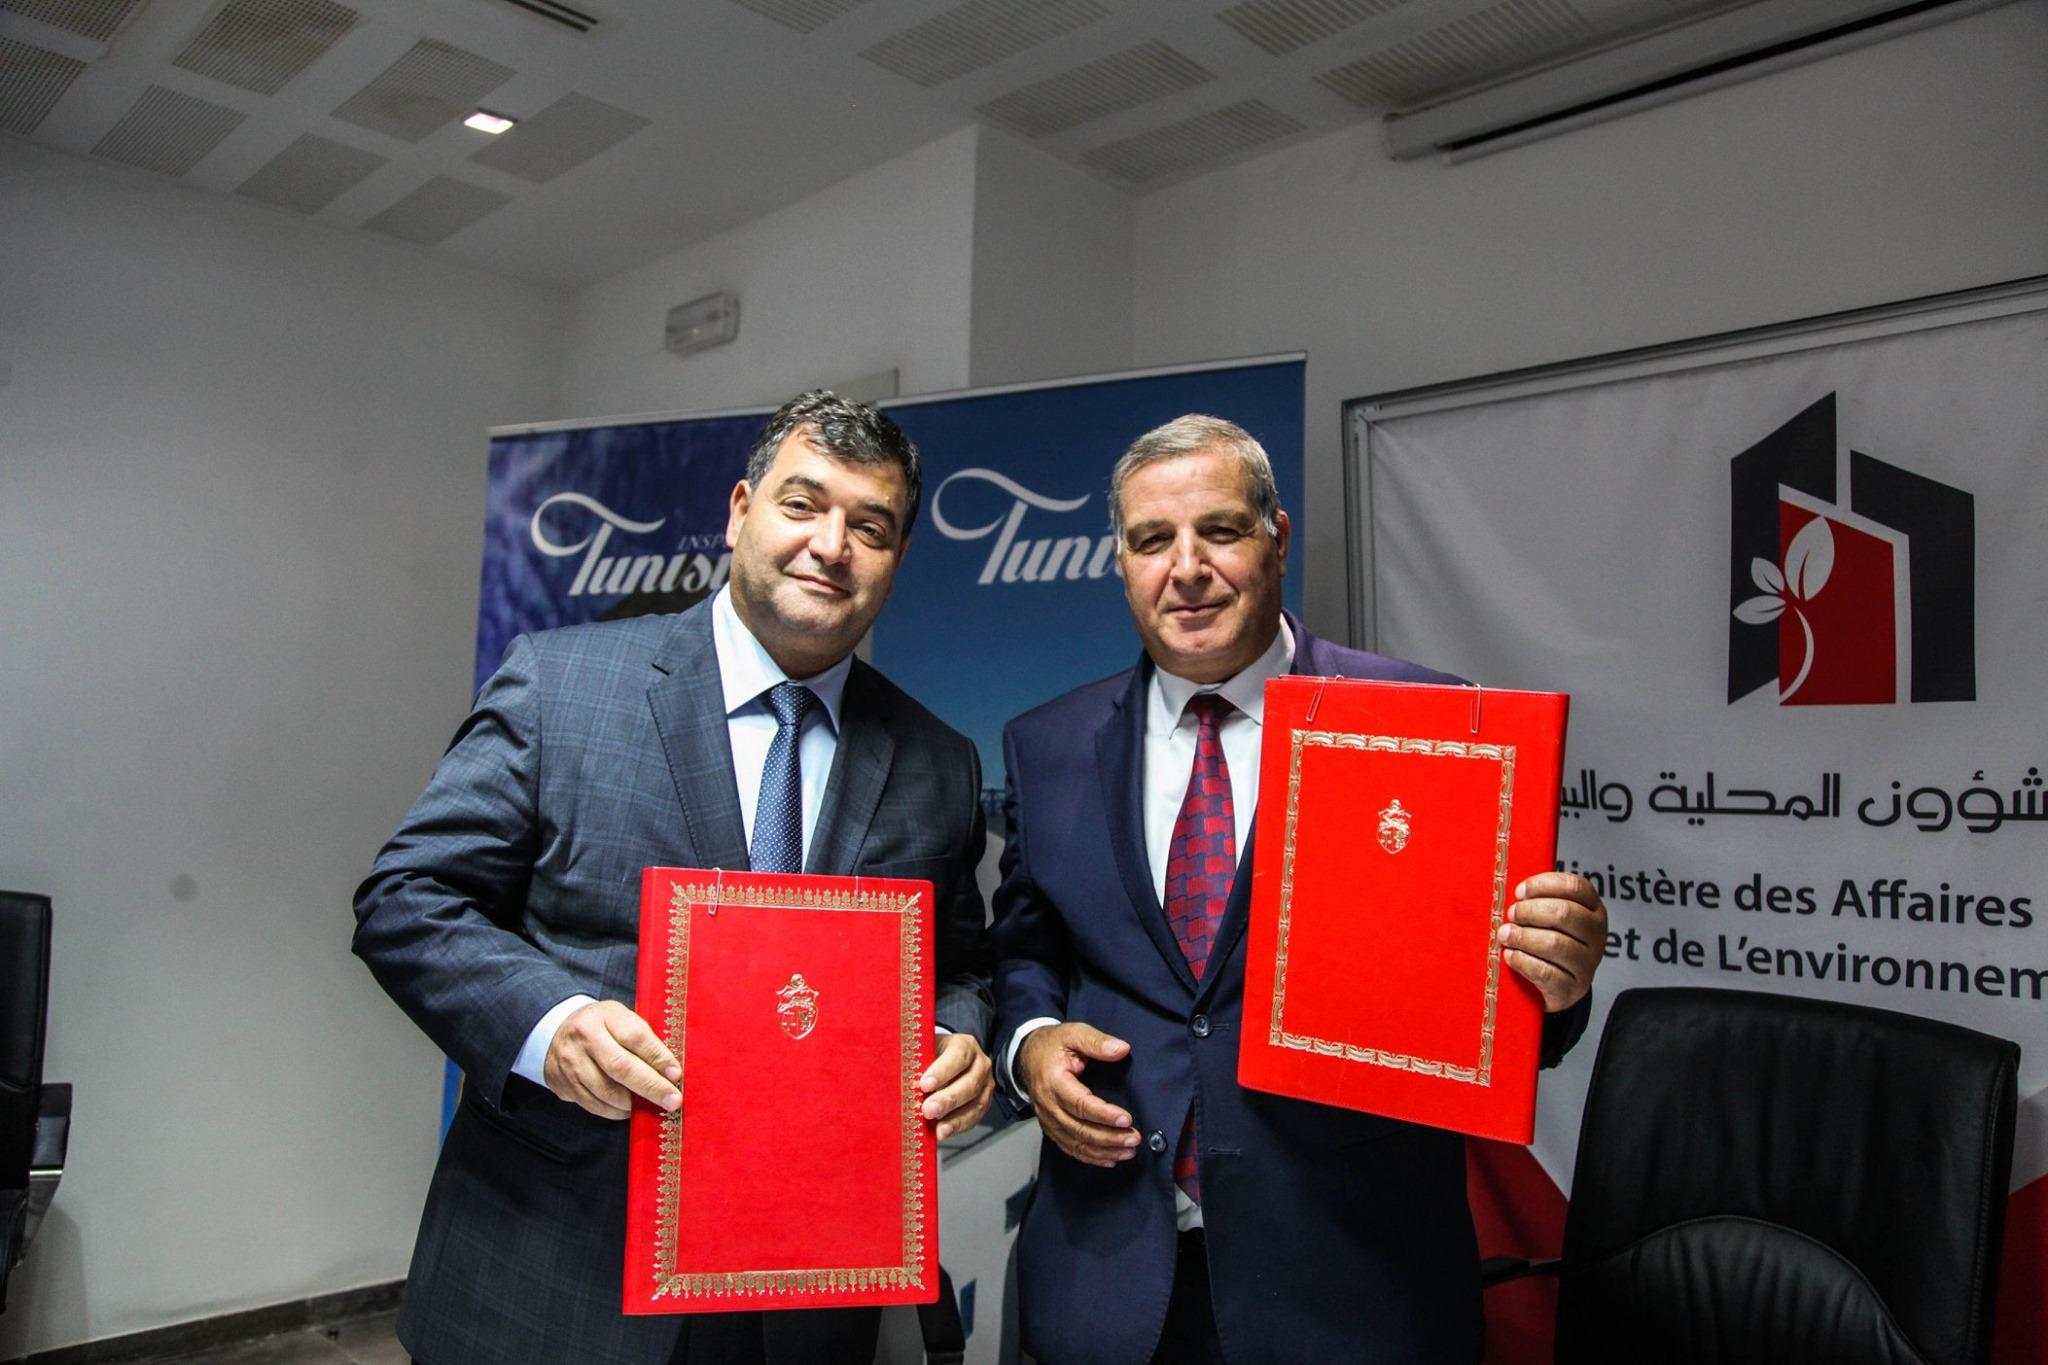 وزارتا البيئة والسياحة تتفقان على رصد 10 مليون دينار لفائدة 47 بلدية سياحية